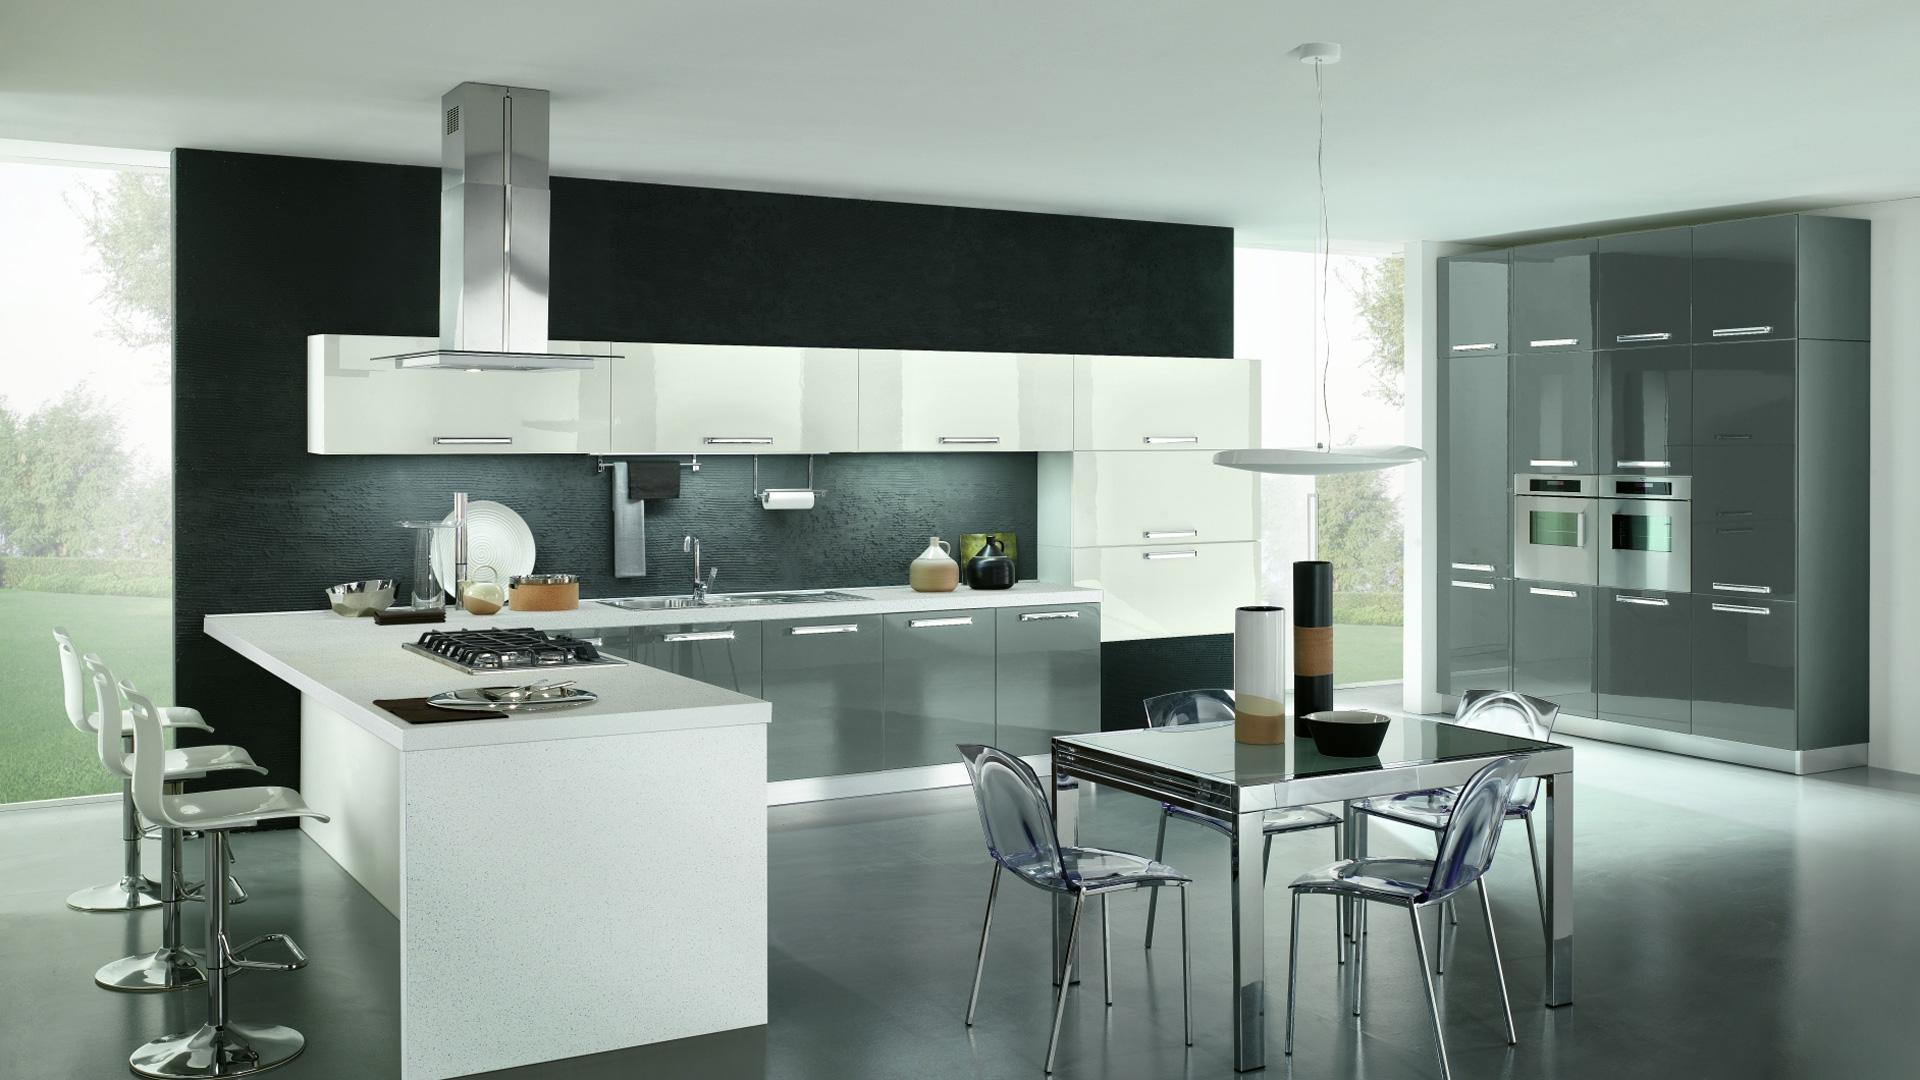 Mobilturi cucine moderne gaia shop online su grancasa - Cucine mobilturi opinioni ...